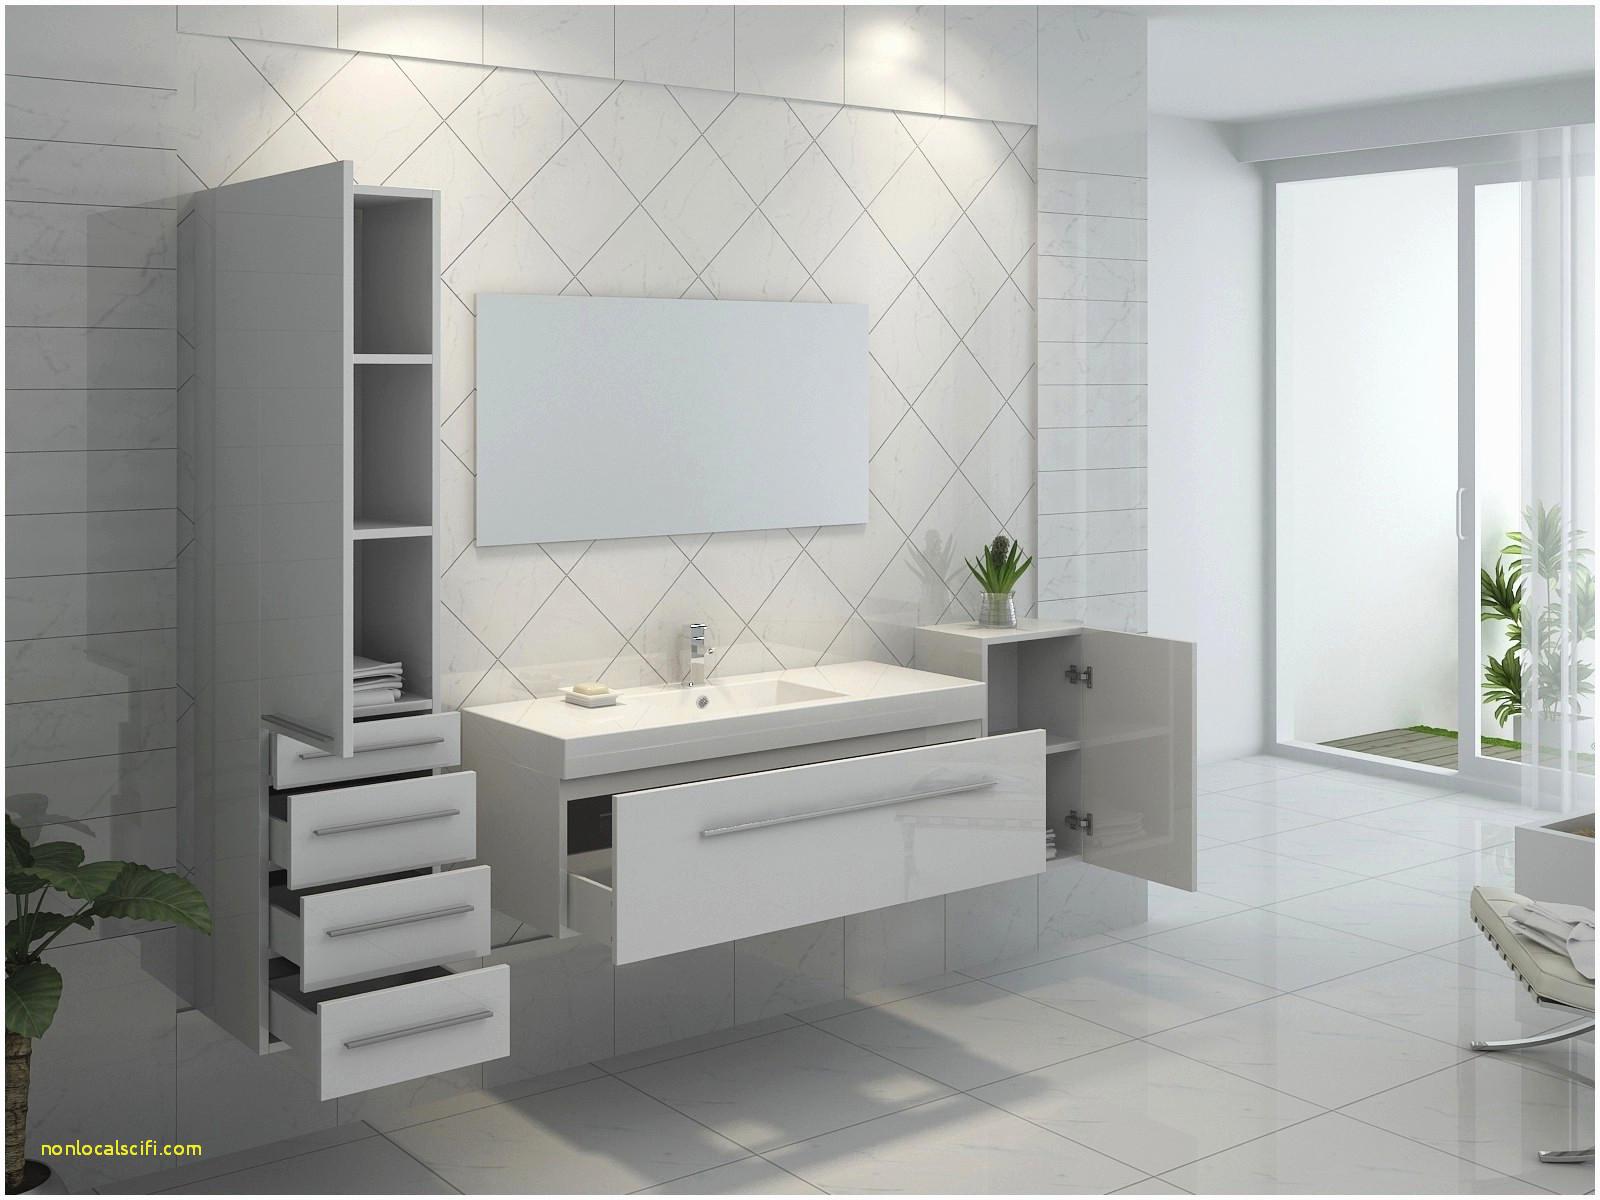 Meuble De Rangement Wc Meuble Pour Toilette Rangement Wc Encequiconcerne Distributeur Papier Toilette Ikea Agencecormierdelauniere Com